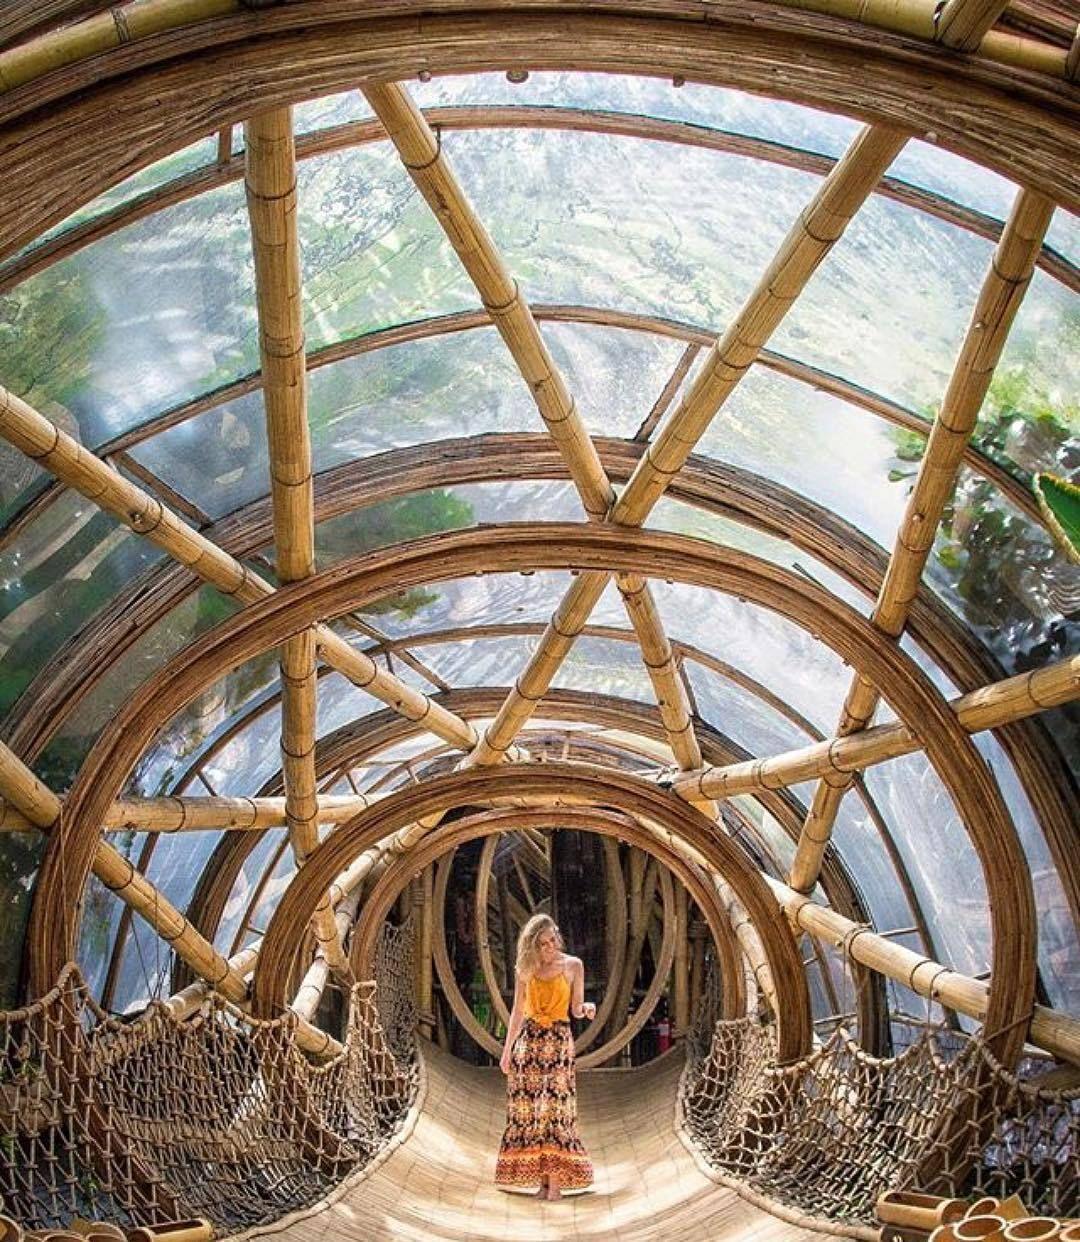 返璞归真!到巴厘岛旅游最具人气的竟然是这座原始竹木屋